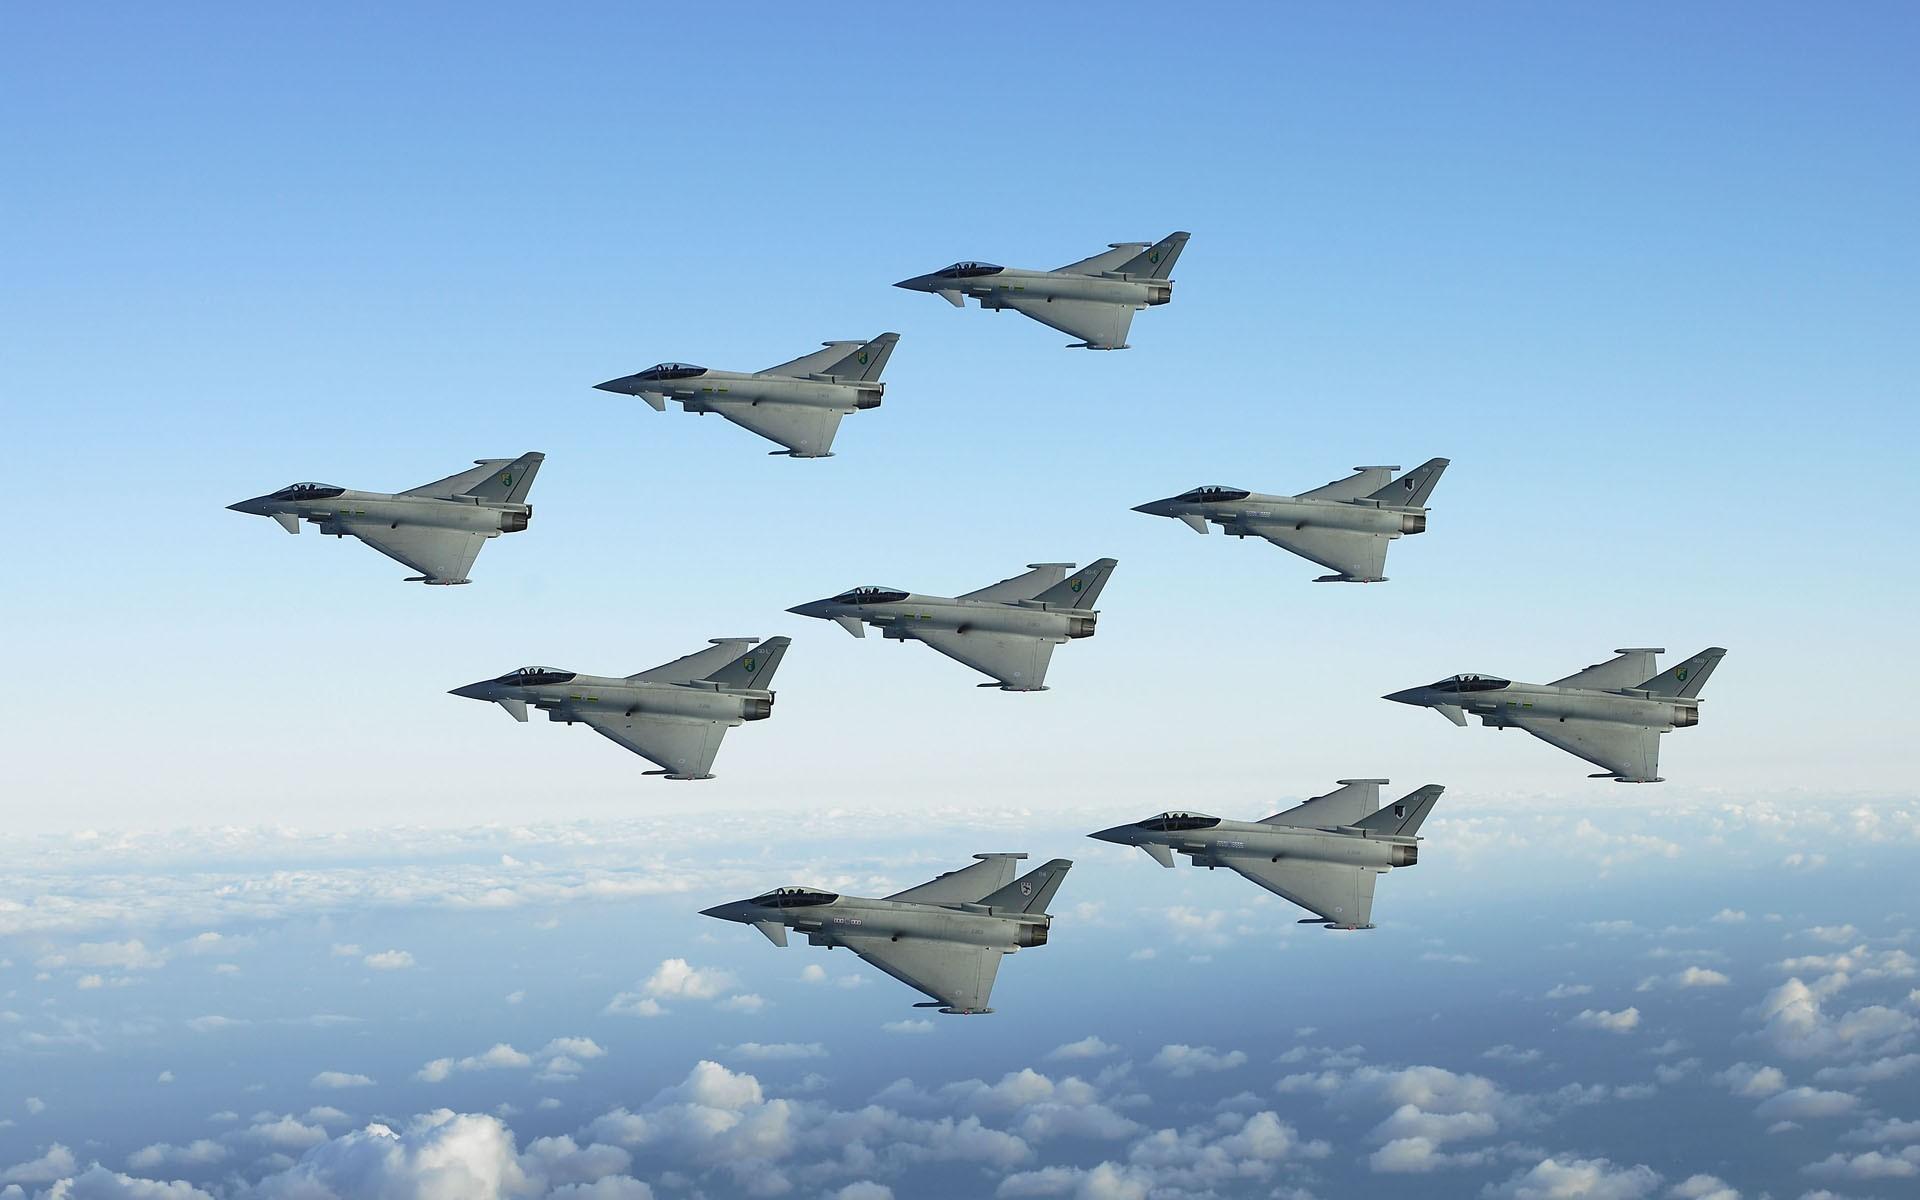 фото истребителей россии в небе салат айсберг